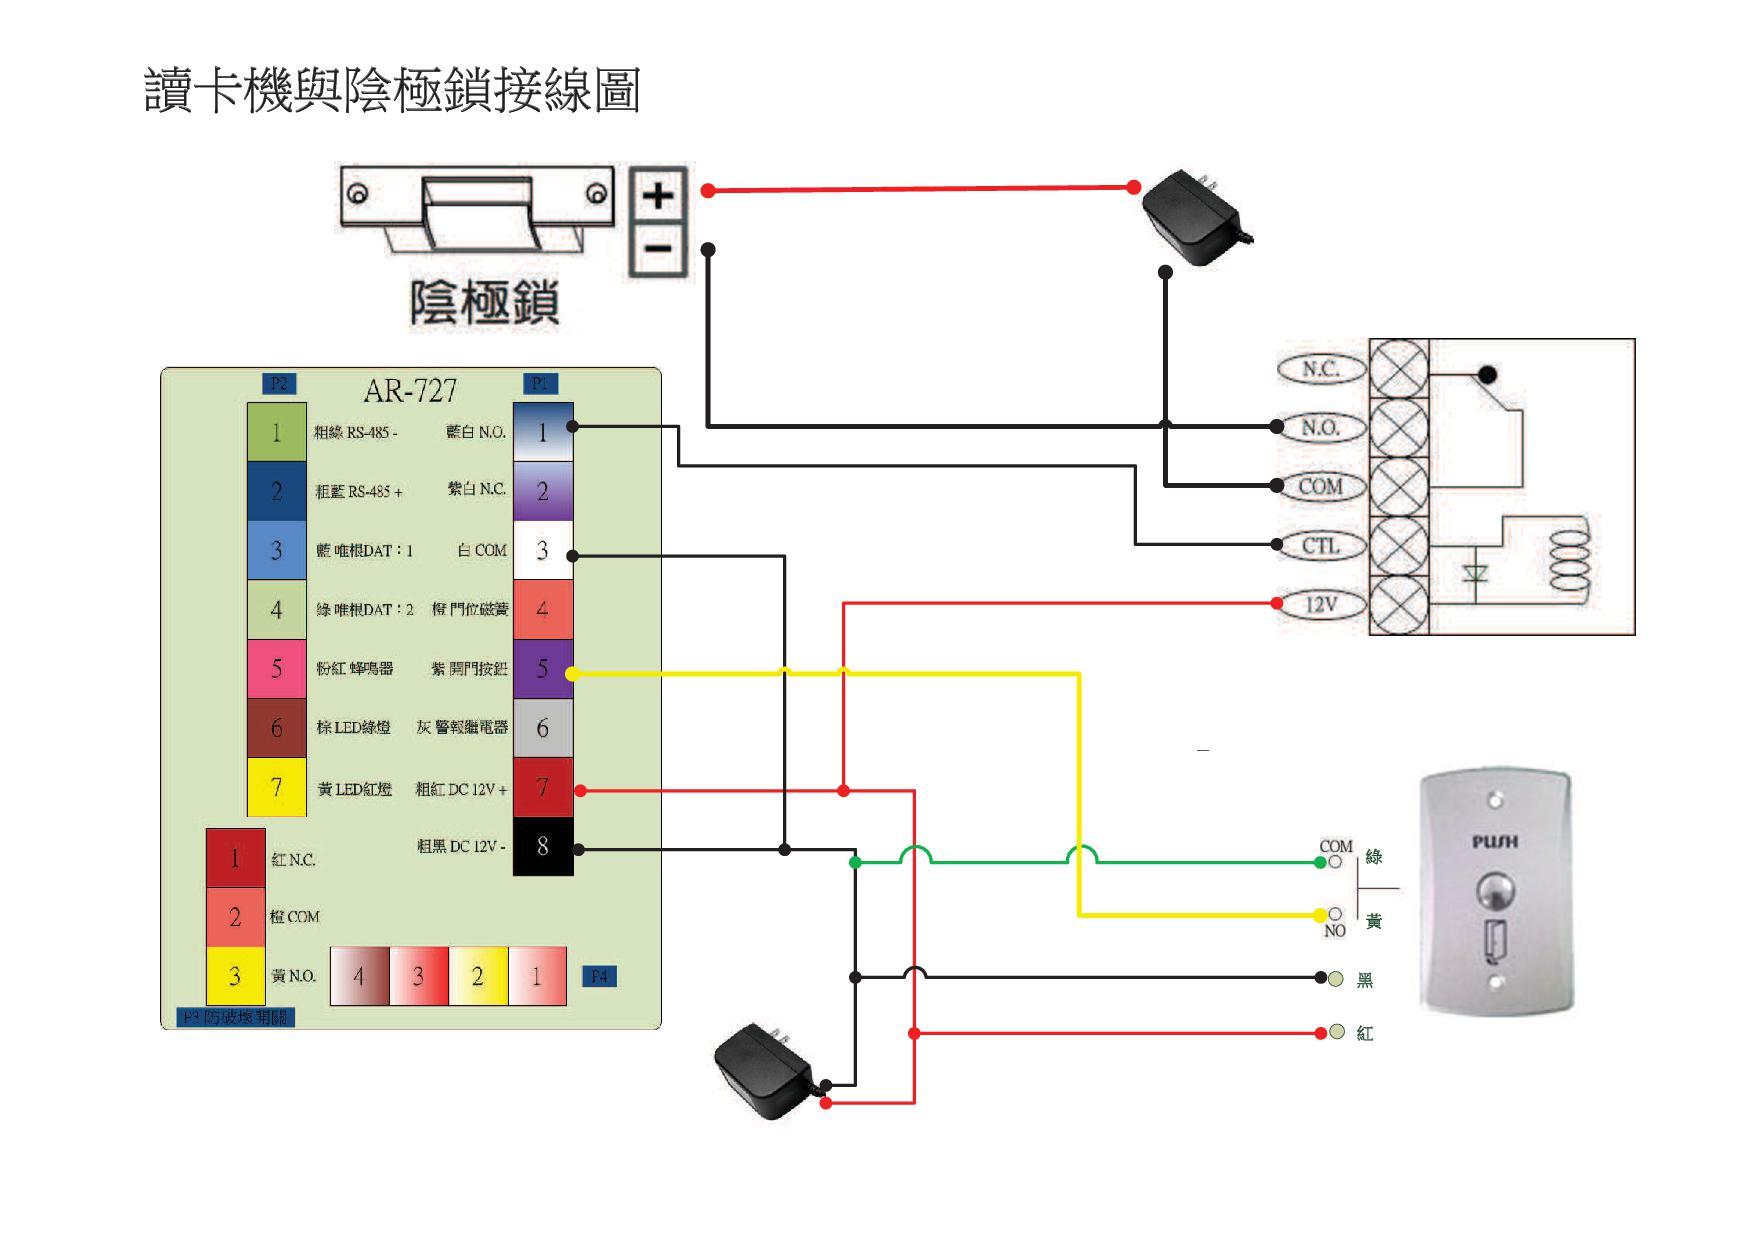 讀卡機連接繼電器控制電鎖/陰極鎖,如何接線?